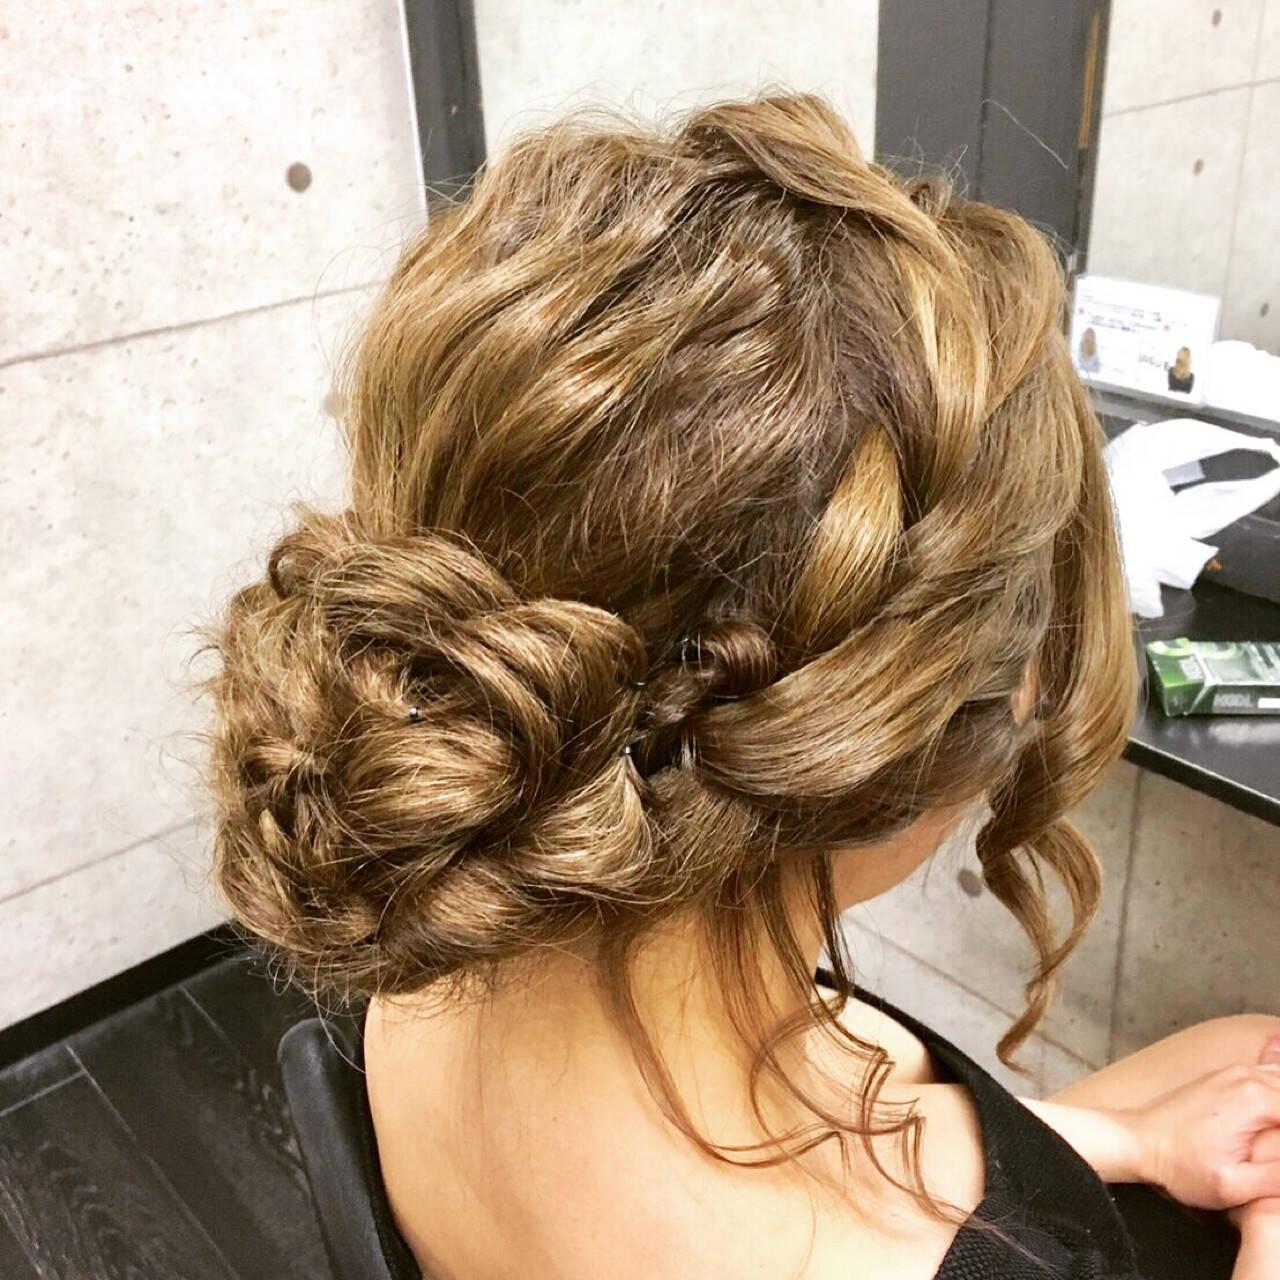 ロング 成人式 エレガント 結婚式ヘアスタイルや髪型の写真・画像